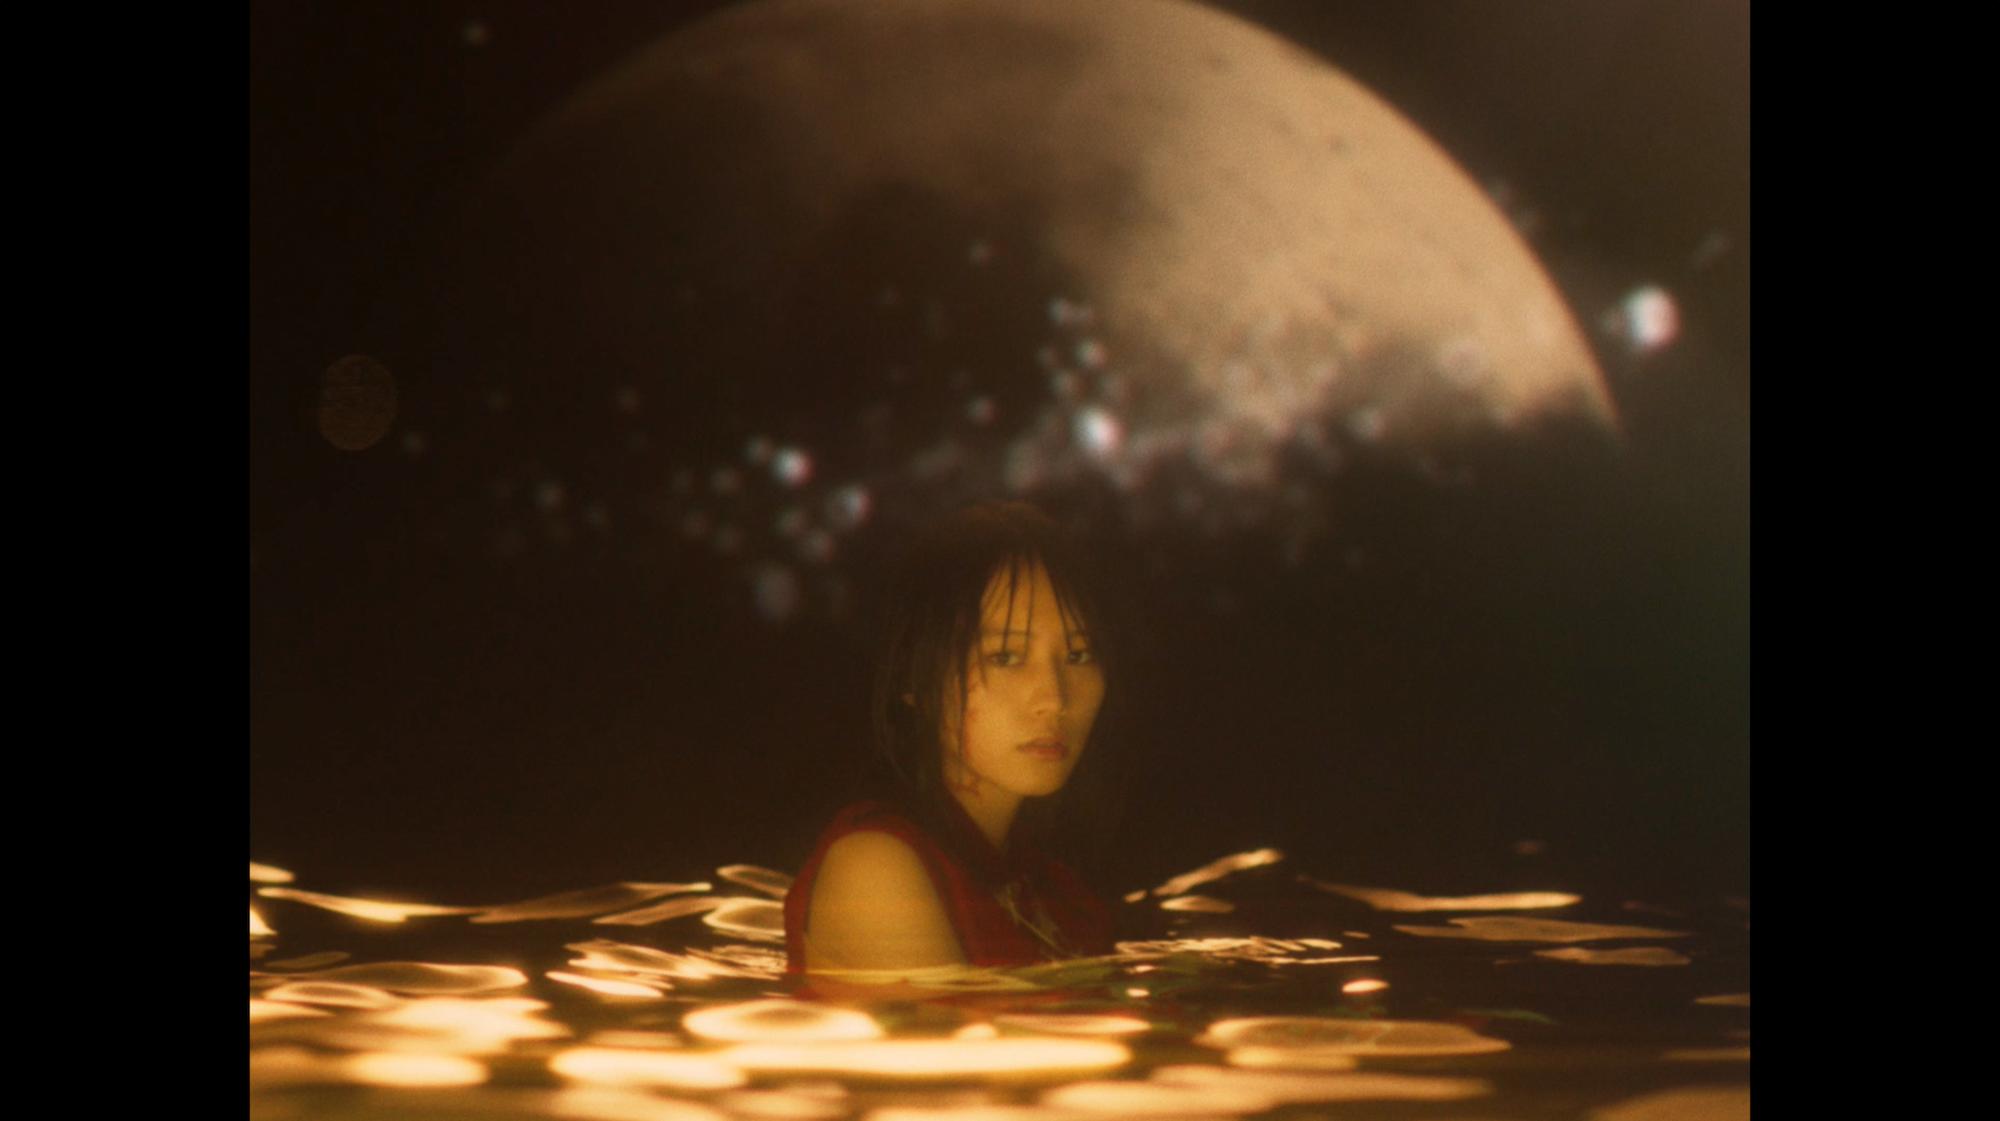 女優・南沙良、今大注目のアーティスト・Vaundy(バウンディ)「融解 sink」のMV